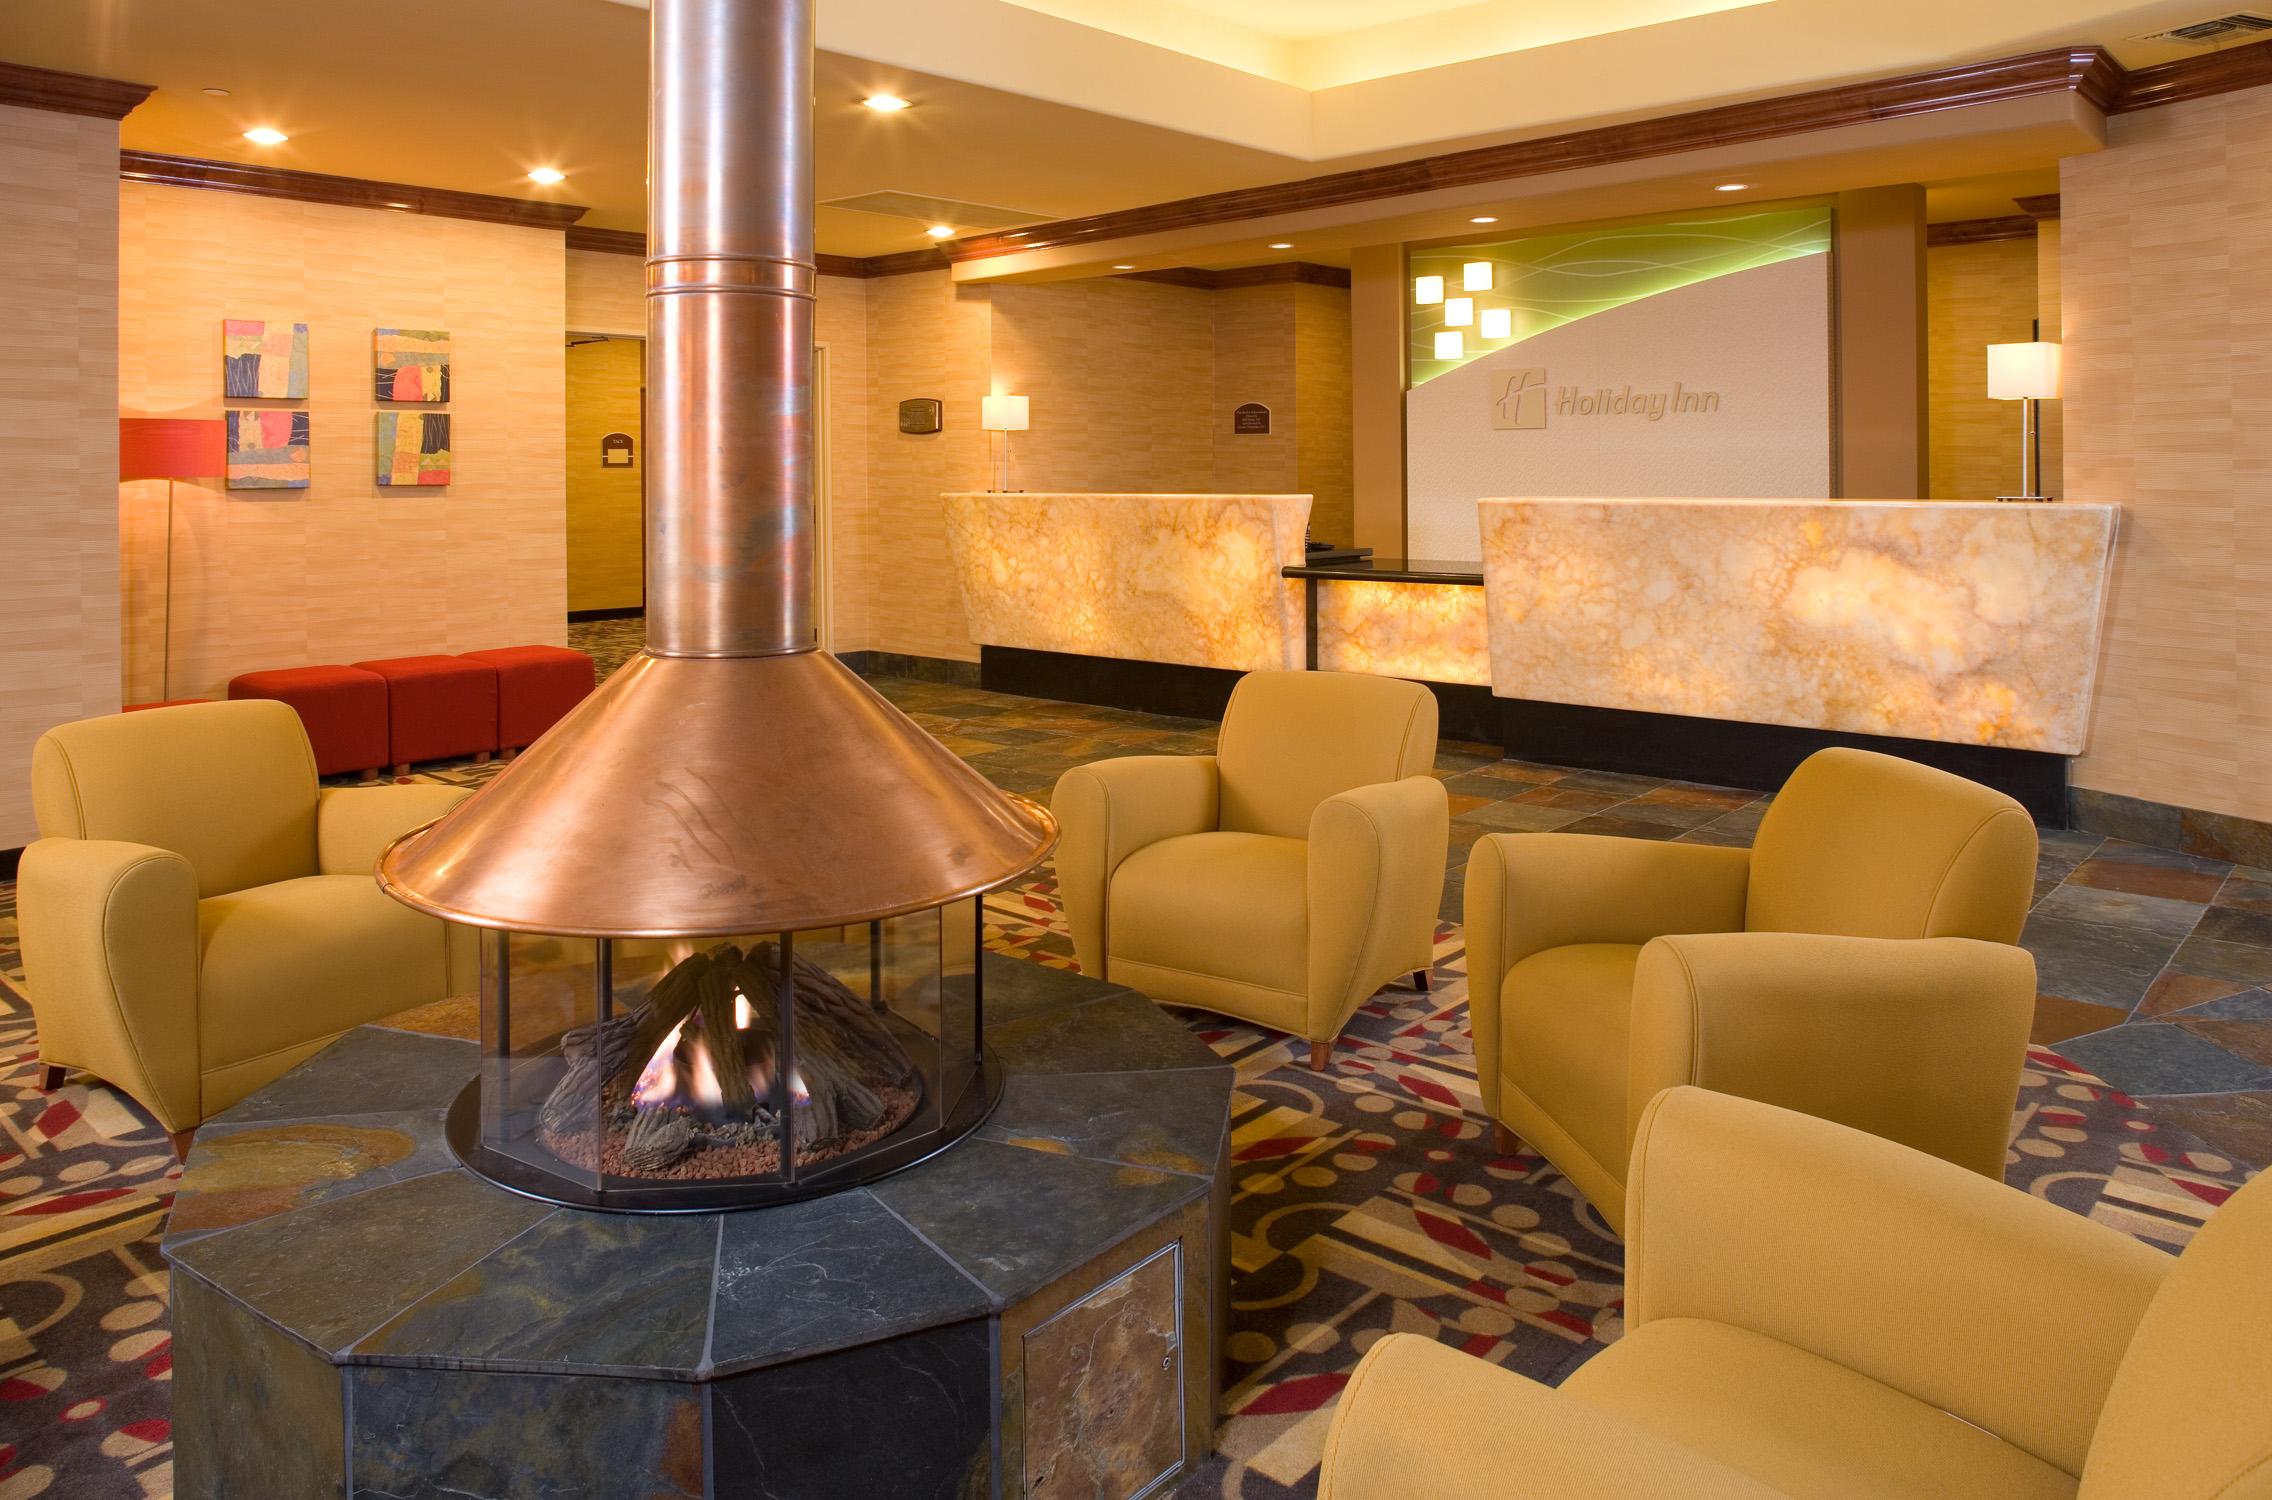 Copy of lobby1.jpg